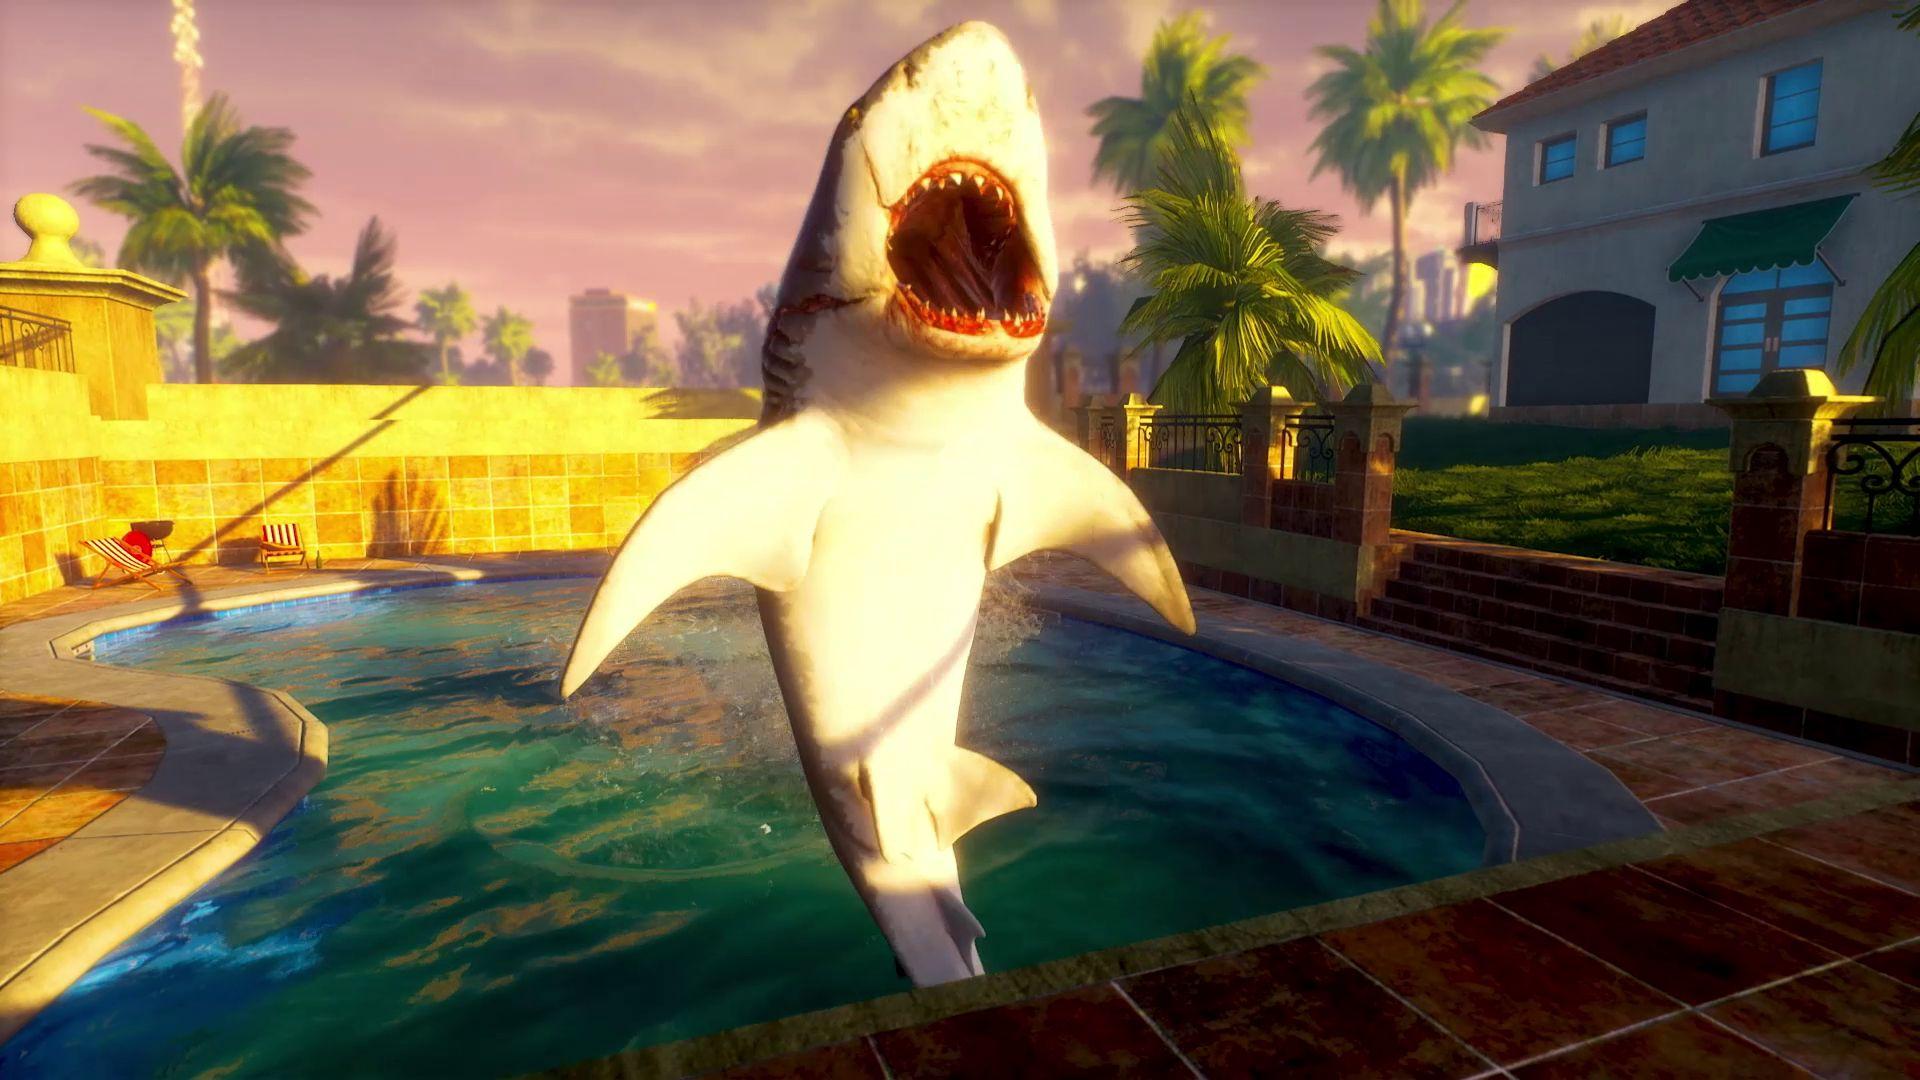 Maneater: in arrivo a Maggio 2020 su PS4, Xbox One e PC thumbnail